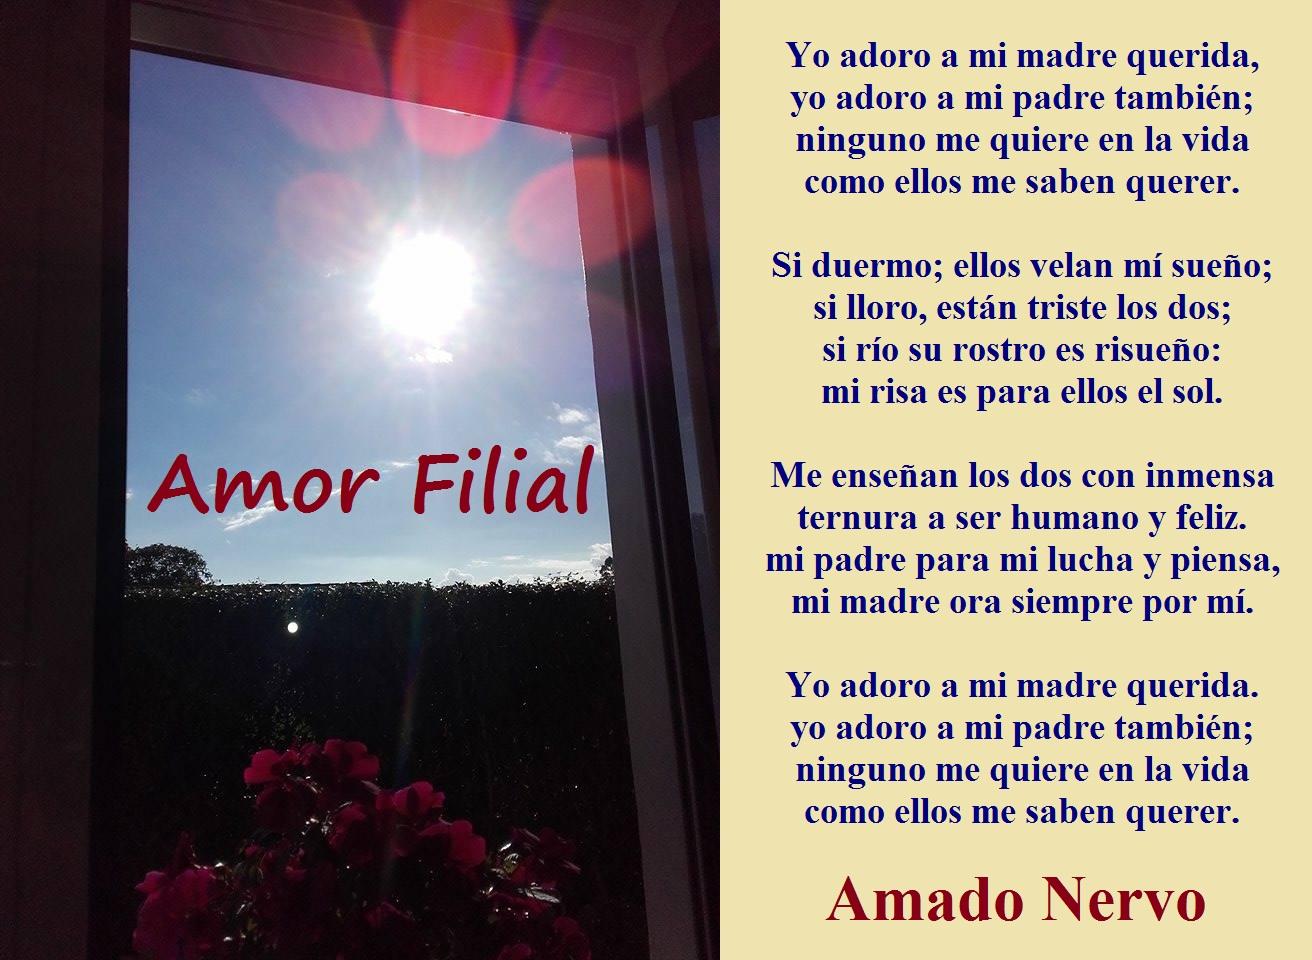 Lazos De Arte Y Amistad Poema Amor Filial Amado Nervo